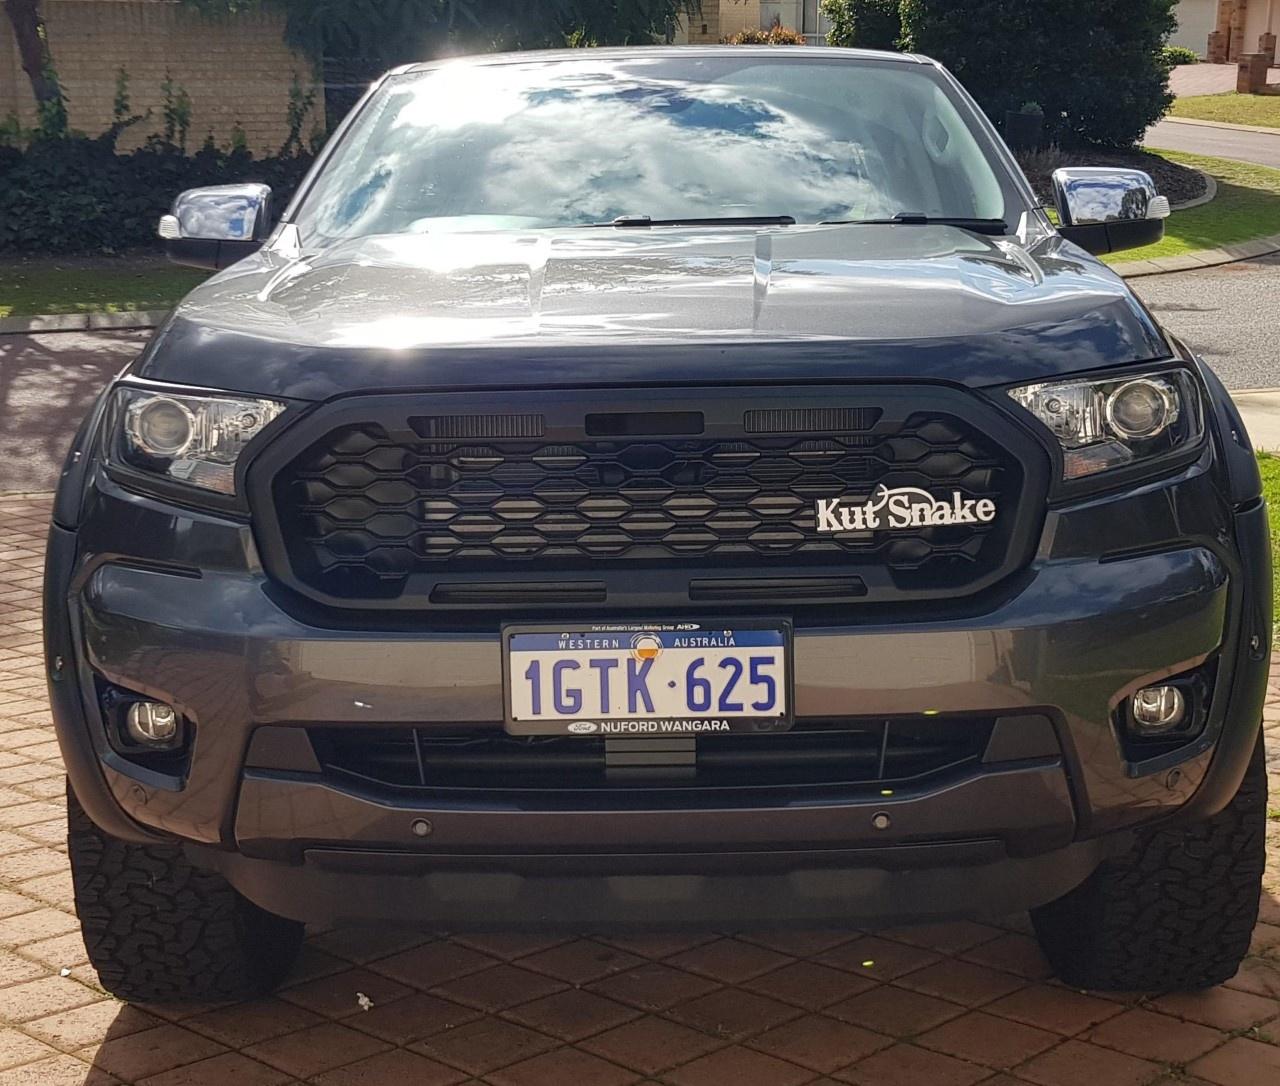 Ford Kut Snake Grill Ford Ranger series 3 Raptor